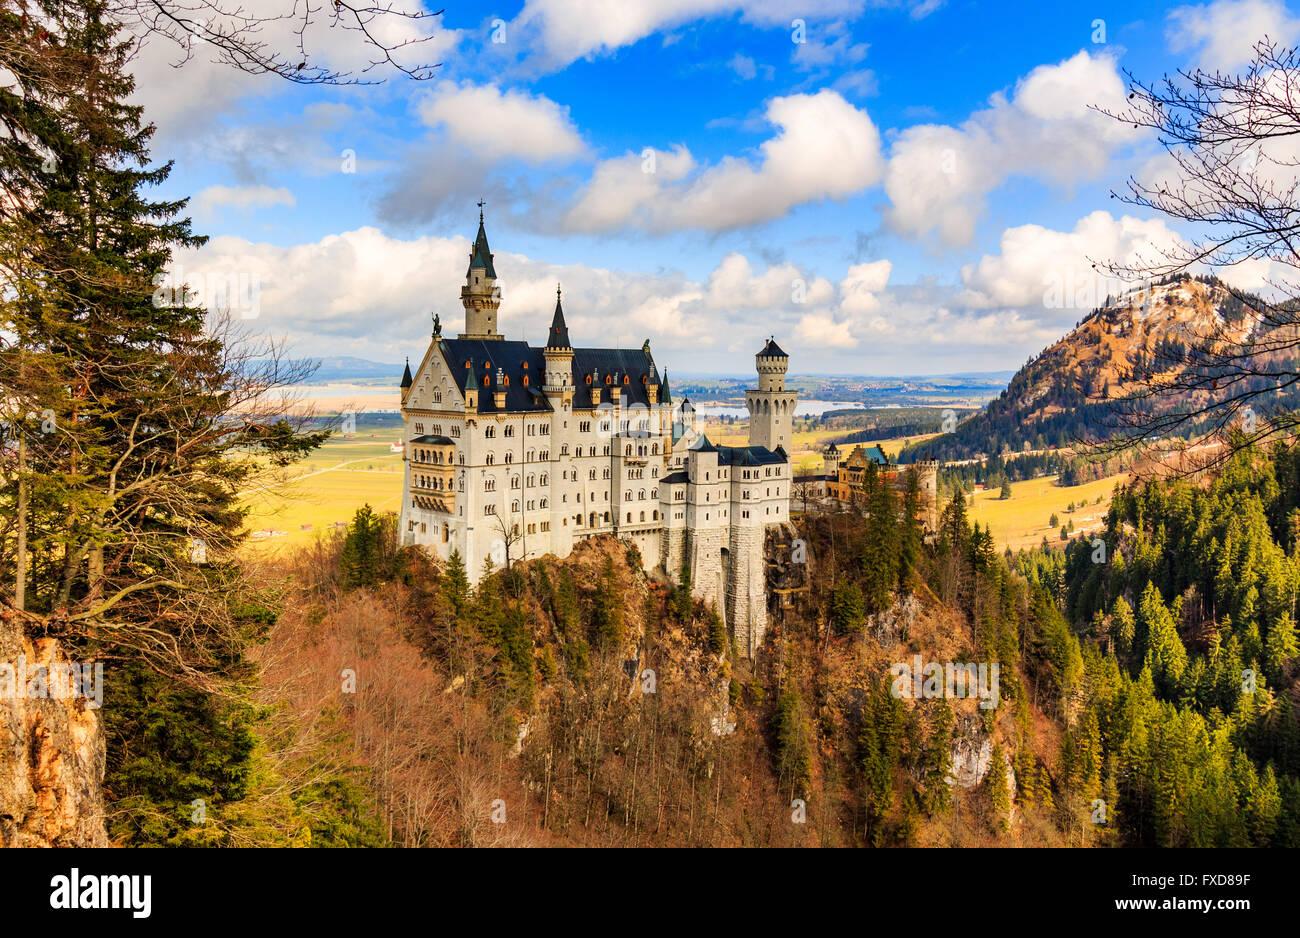 Neuschwanstein Castle in winter landscape, Fussen, Germany - Stock Image